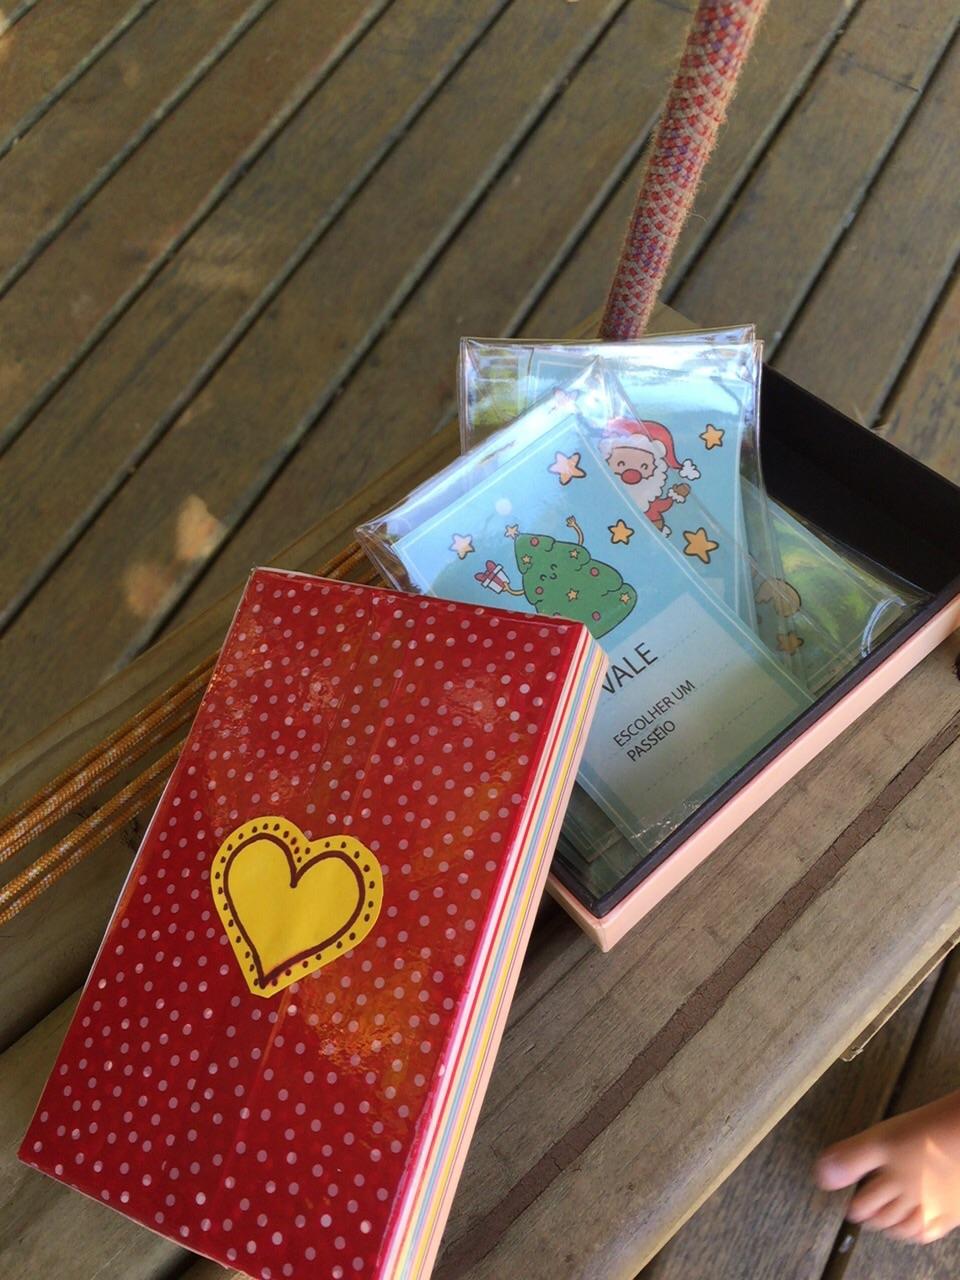 10 Ideias De Presentes Para As Criancas Que Nao Sao Brinquedos